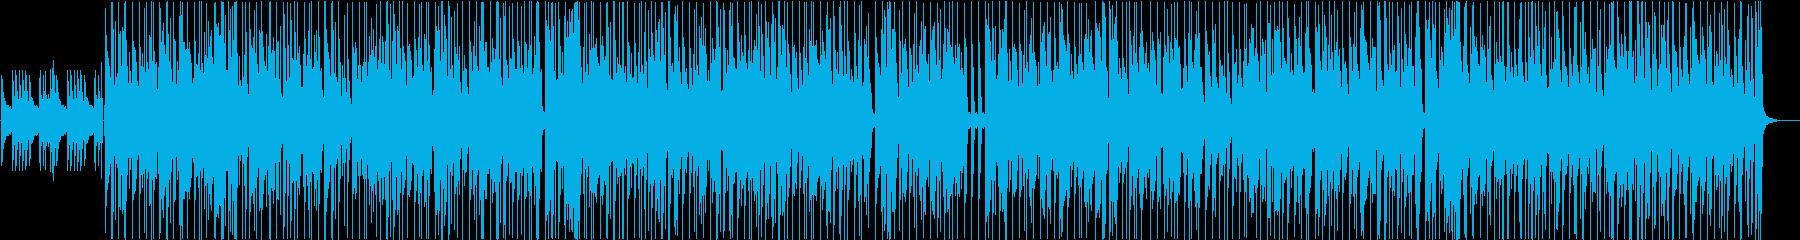 少しダークな雰囲気のチルホップの再生済みの波形